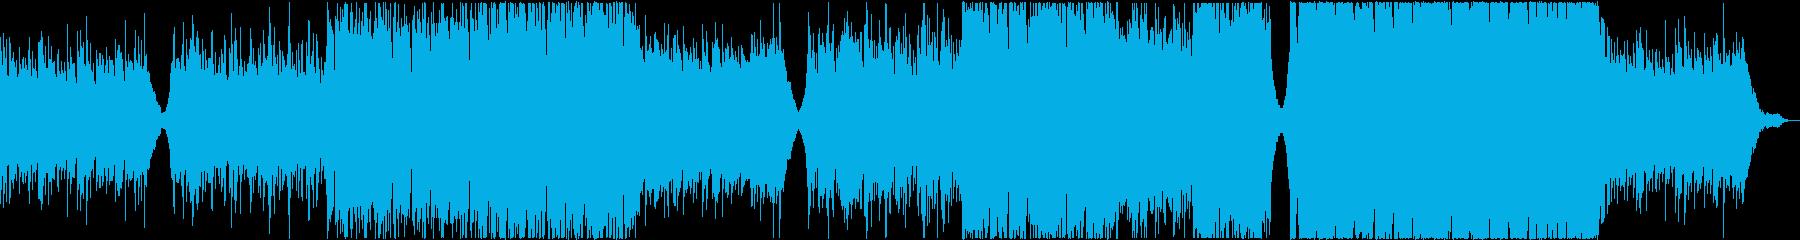 感動的でノスタルジックな切ない曲の再生済みの波形